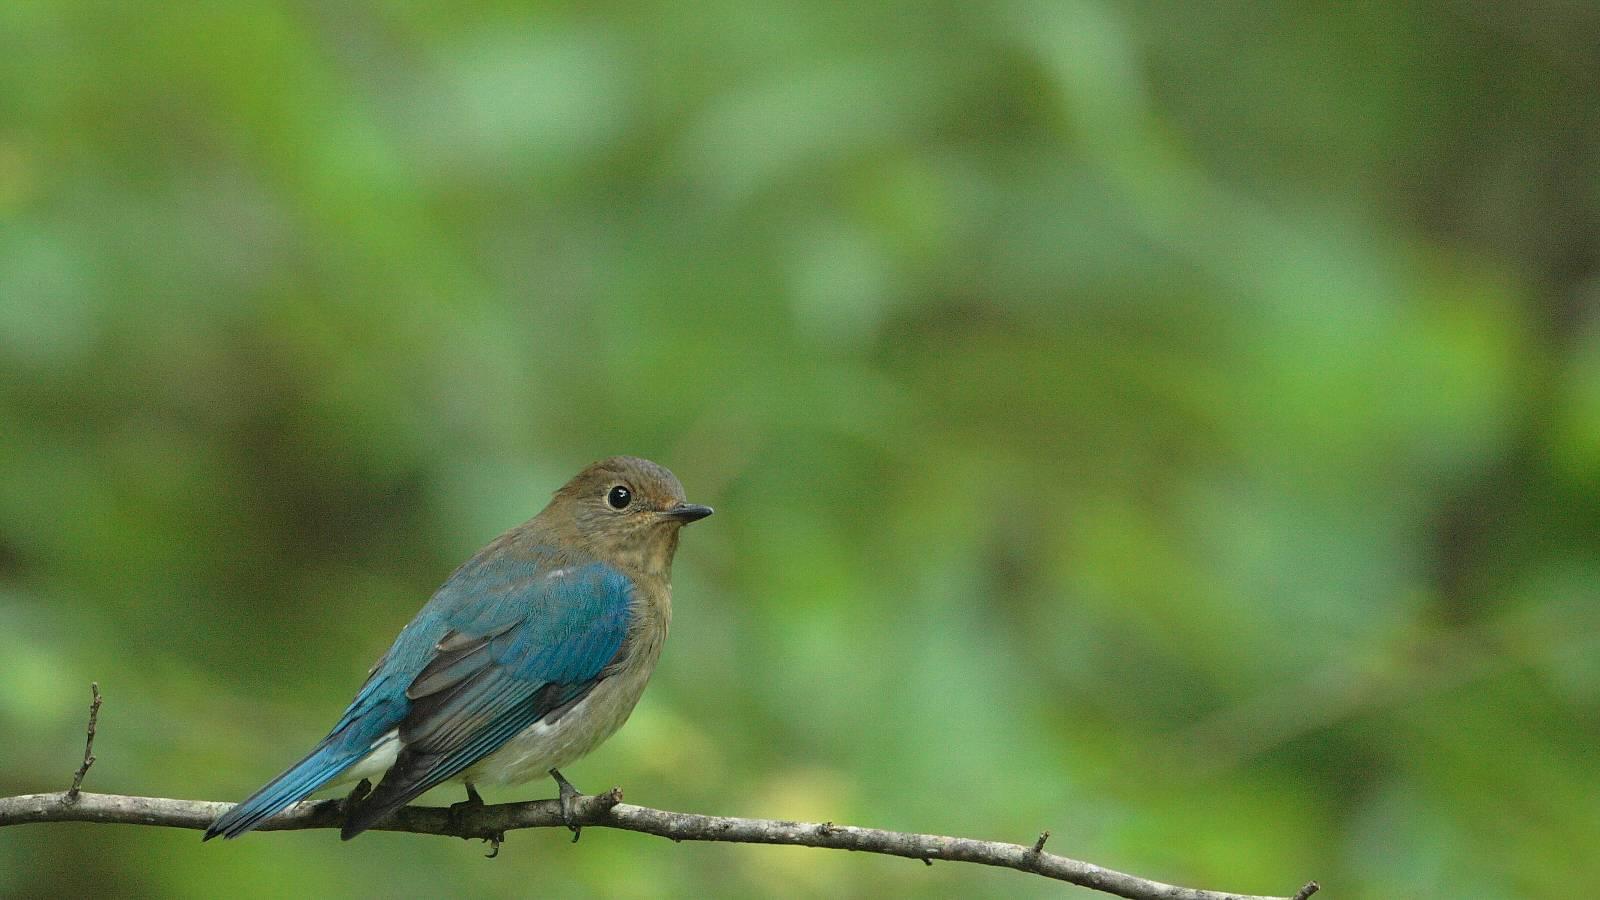 オオルリの若雄(グリーンバックの可愛い若鳥)_f0105570_2152983.jpg